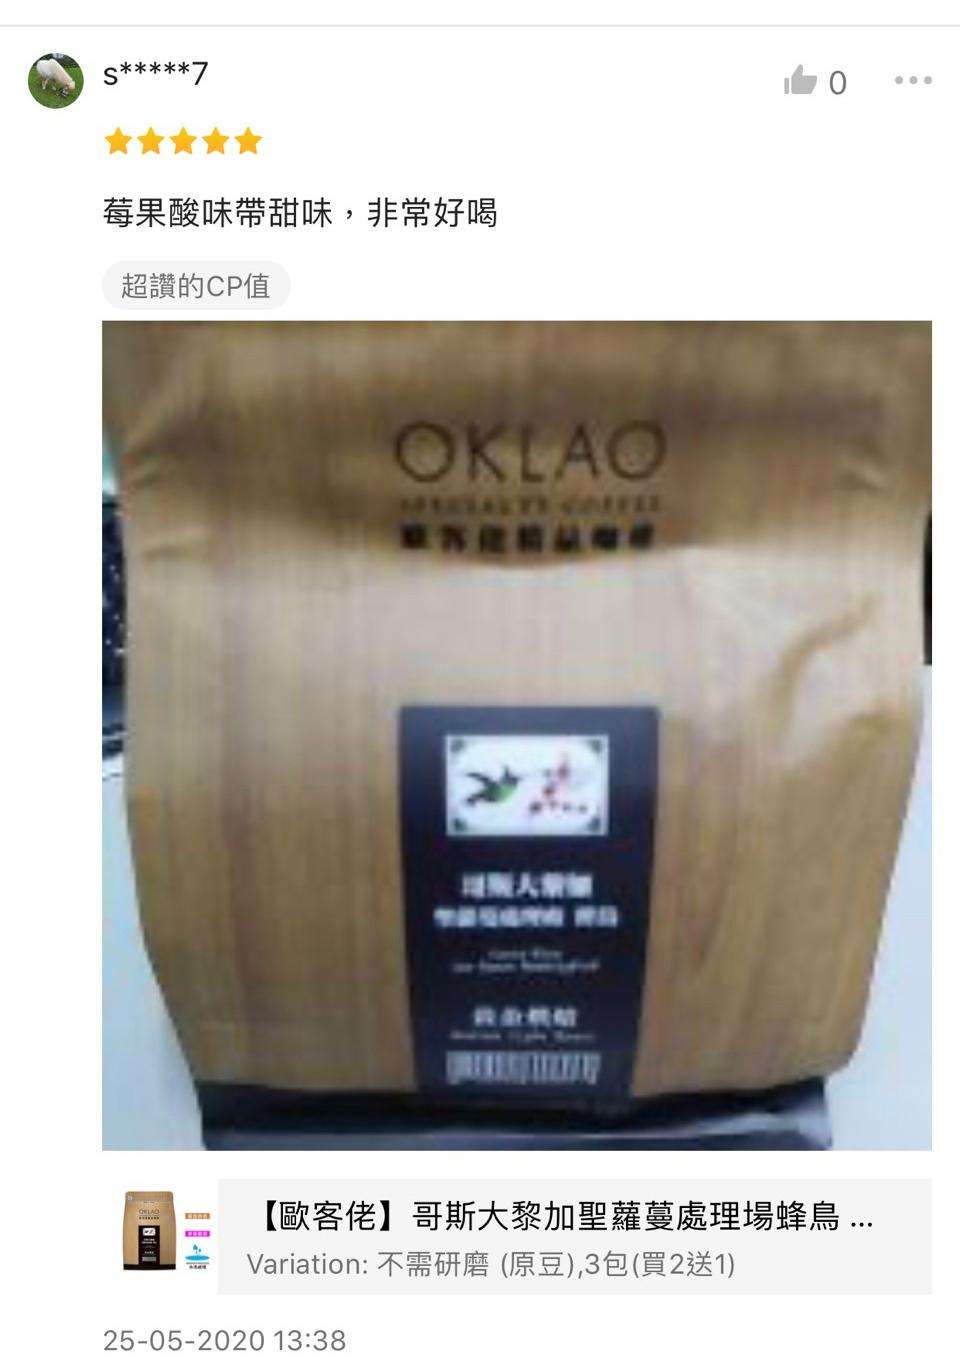 【歐客佬】哥斯大黎加聖蘿蔓處理場蜂鳥 咖啡豆 (半磅) 黃金烘焙 (商品貨號:11020224) OKLAO 咖啡 莓果酸味帶甜味,非常好喝